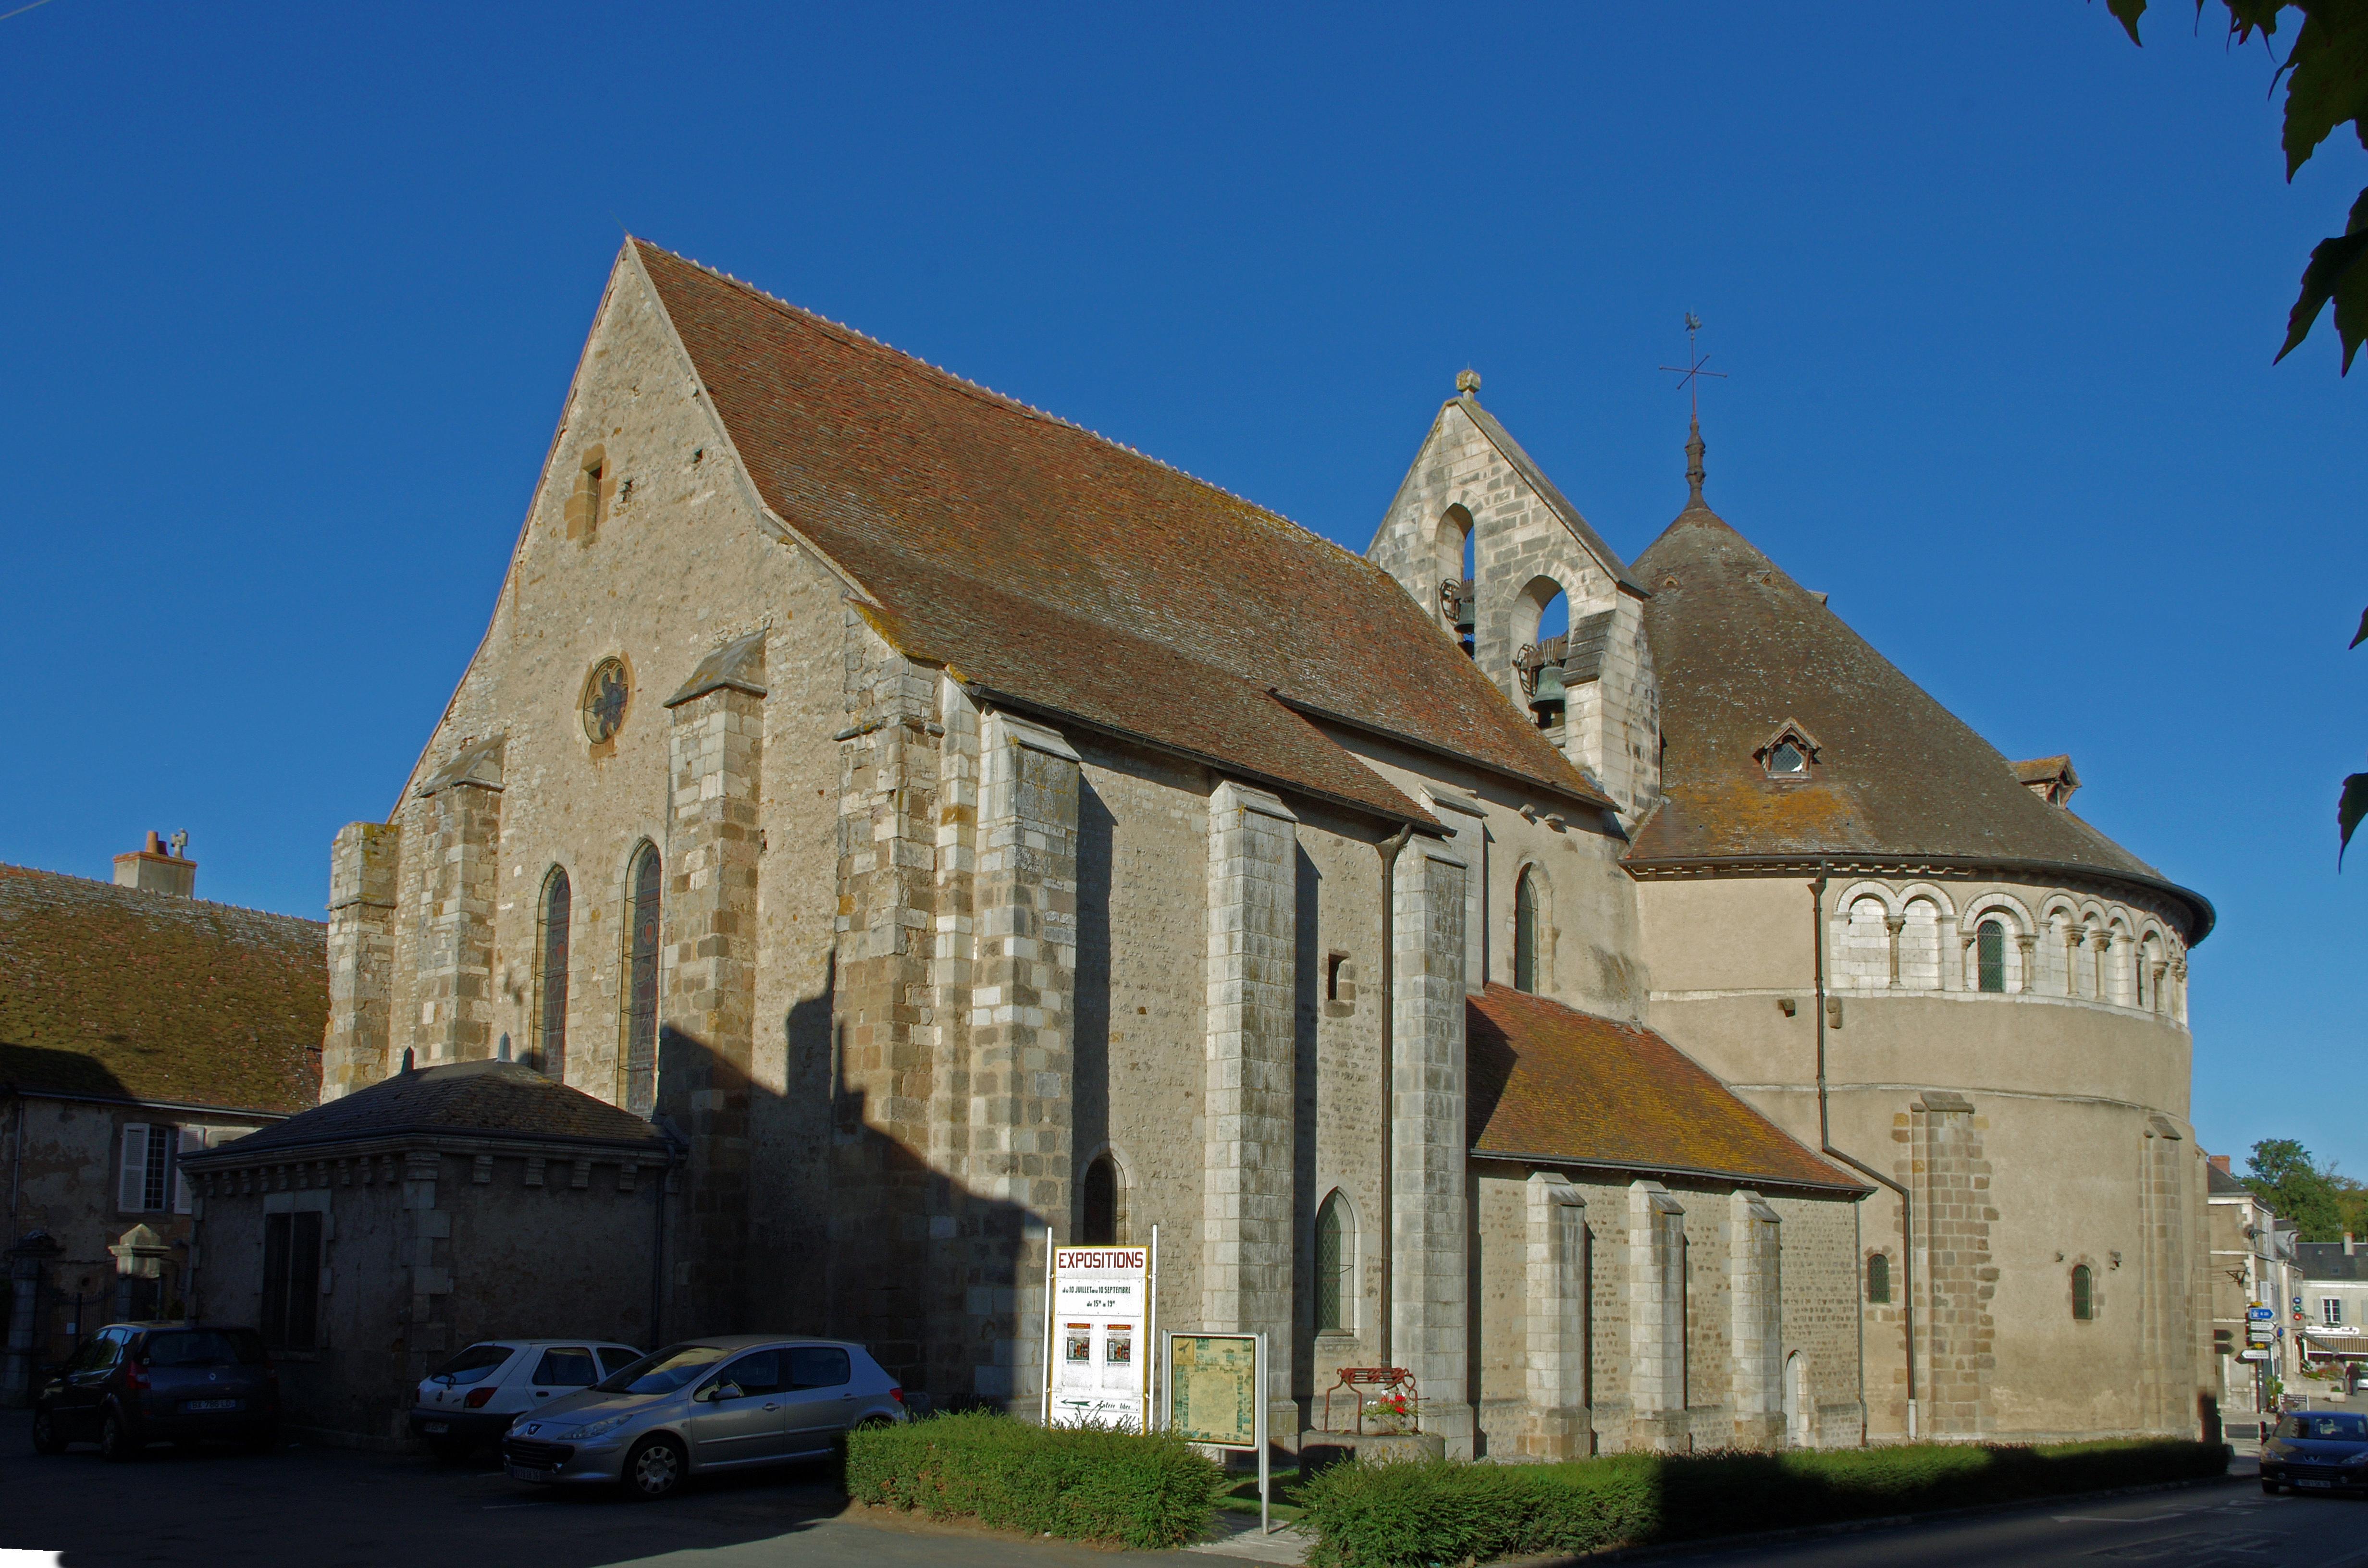 Rencontre Femme Grosse à Limoges. Plan Cul Avec Femmes Rondes Sur Limoges